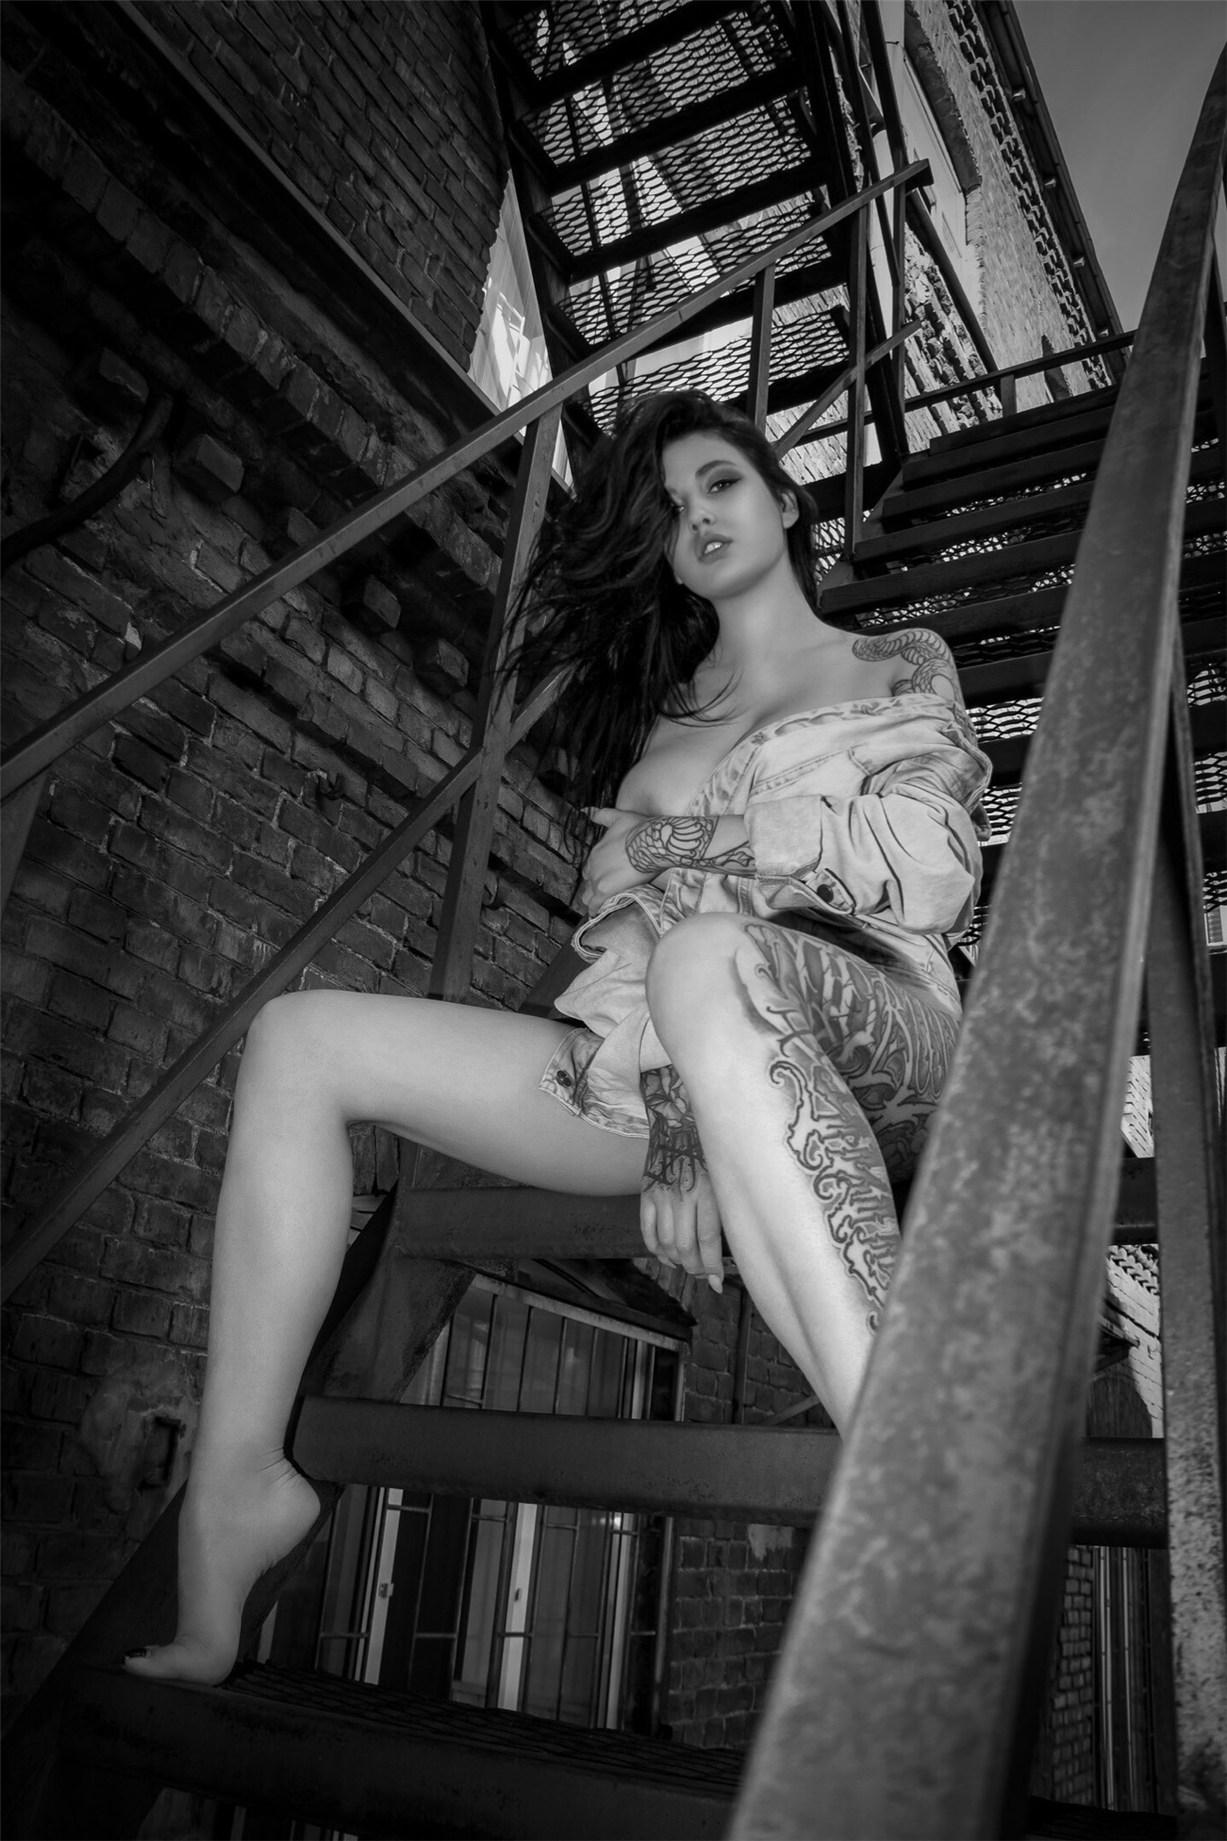 Эротическая тату-модель Евгения Таланина / Evgenia Talanina by Kirill Oleynik